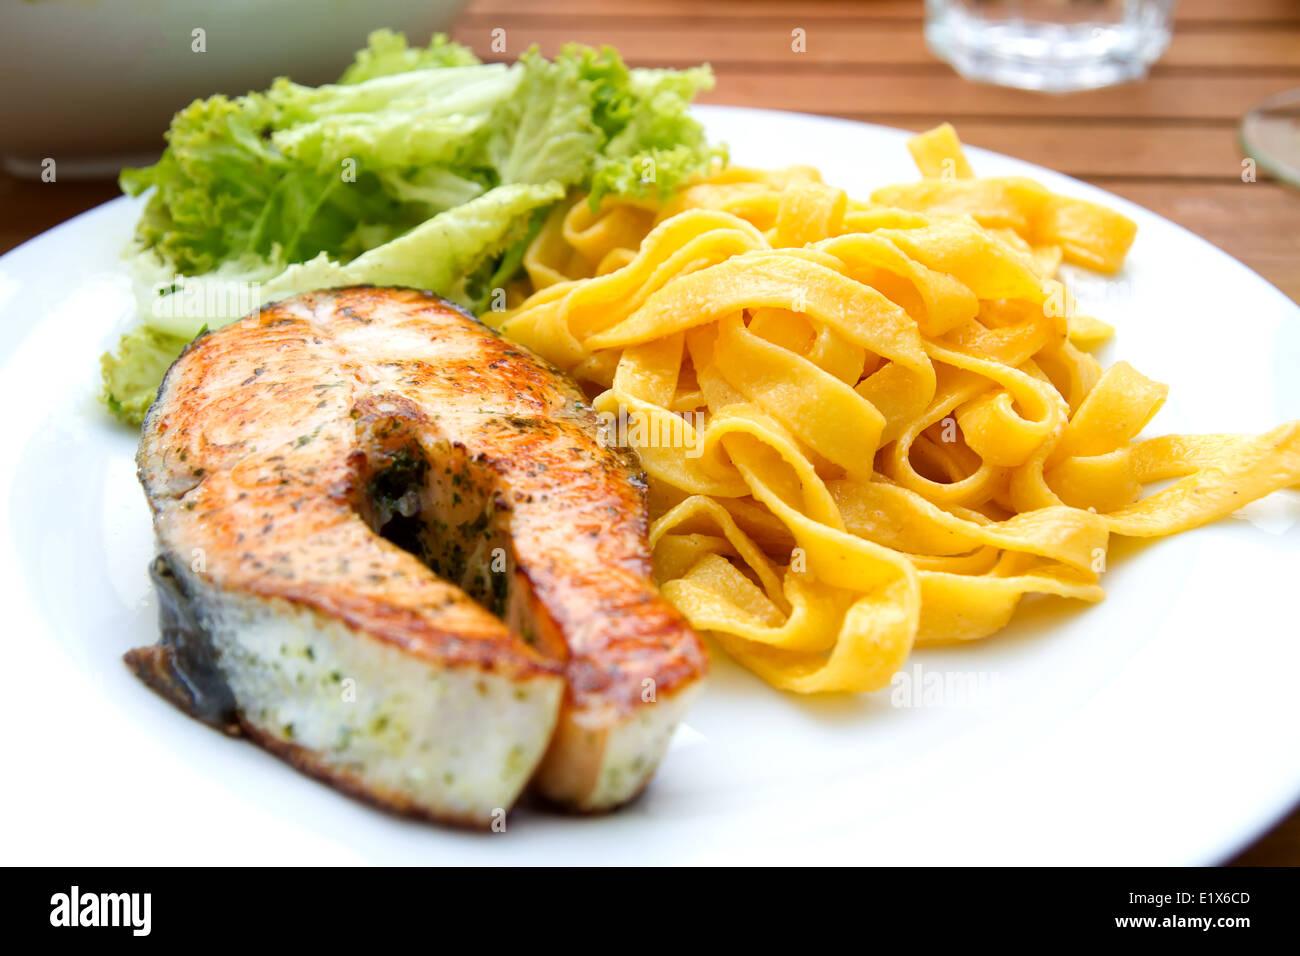 Lachs mit Pasta und Salat - Stock Image